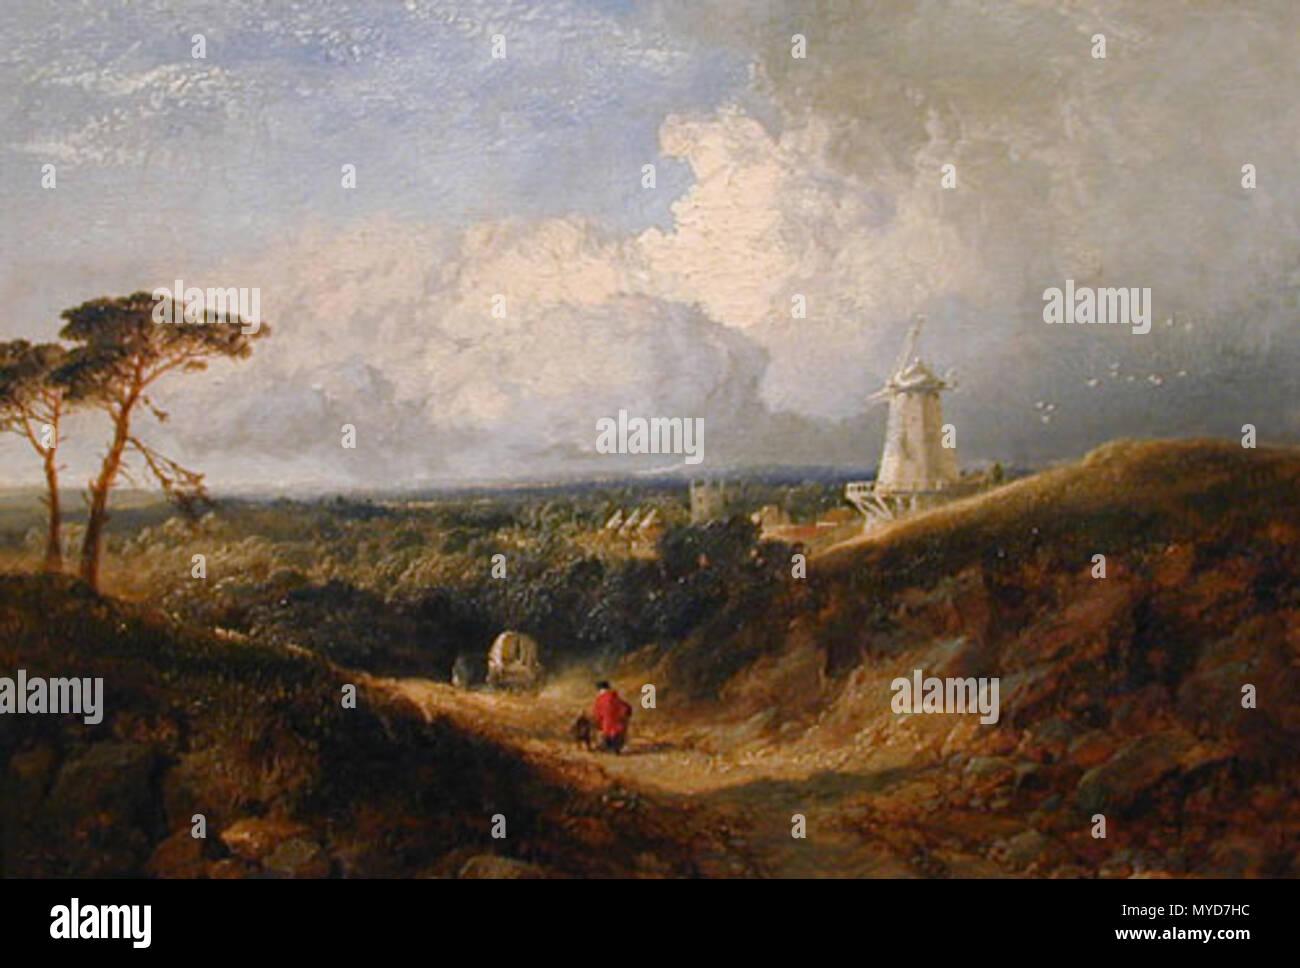 . Inglese: Pittura di Cranbrook, Kent. Il mulino è pensato per essere quello che si fermò a Cranbrook comuni e non l'Unione superstite Mill. Metà C19th. Edmund John Niemann (1813-76) 126 Cranbrook dipinto da Niemann Immagini Stock